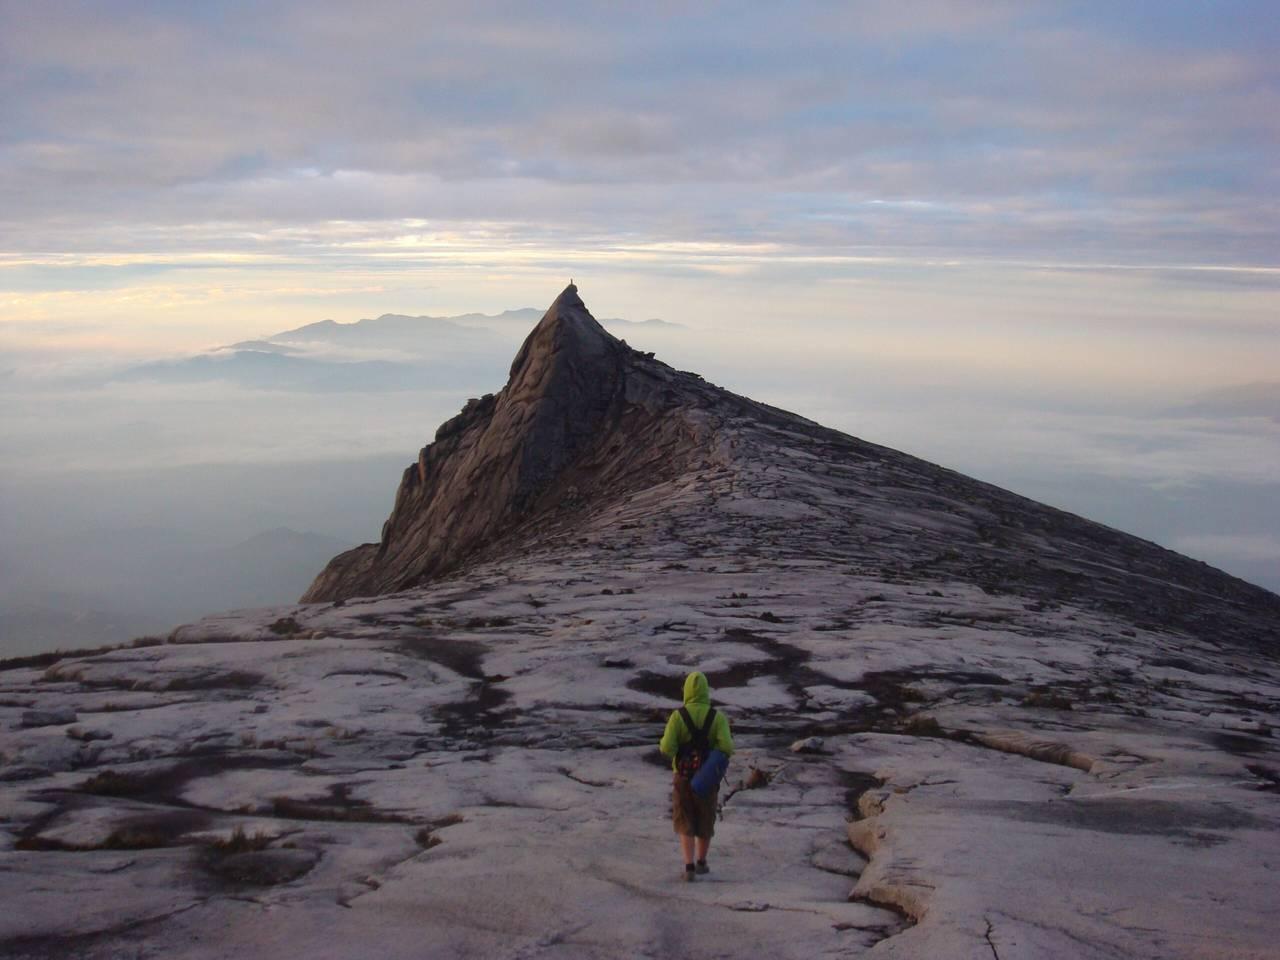 攀登京那巴鲁山;攀登前你需要知道的一切!